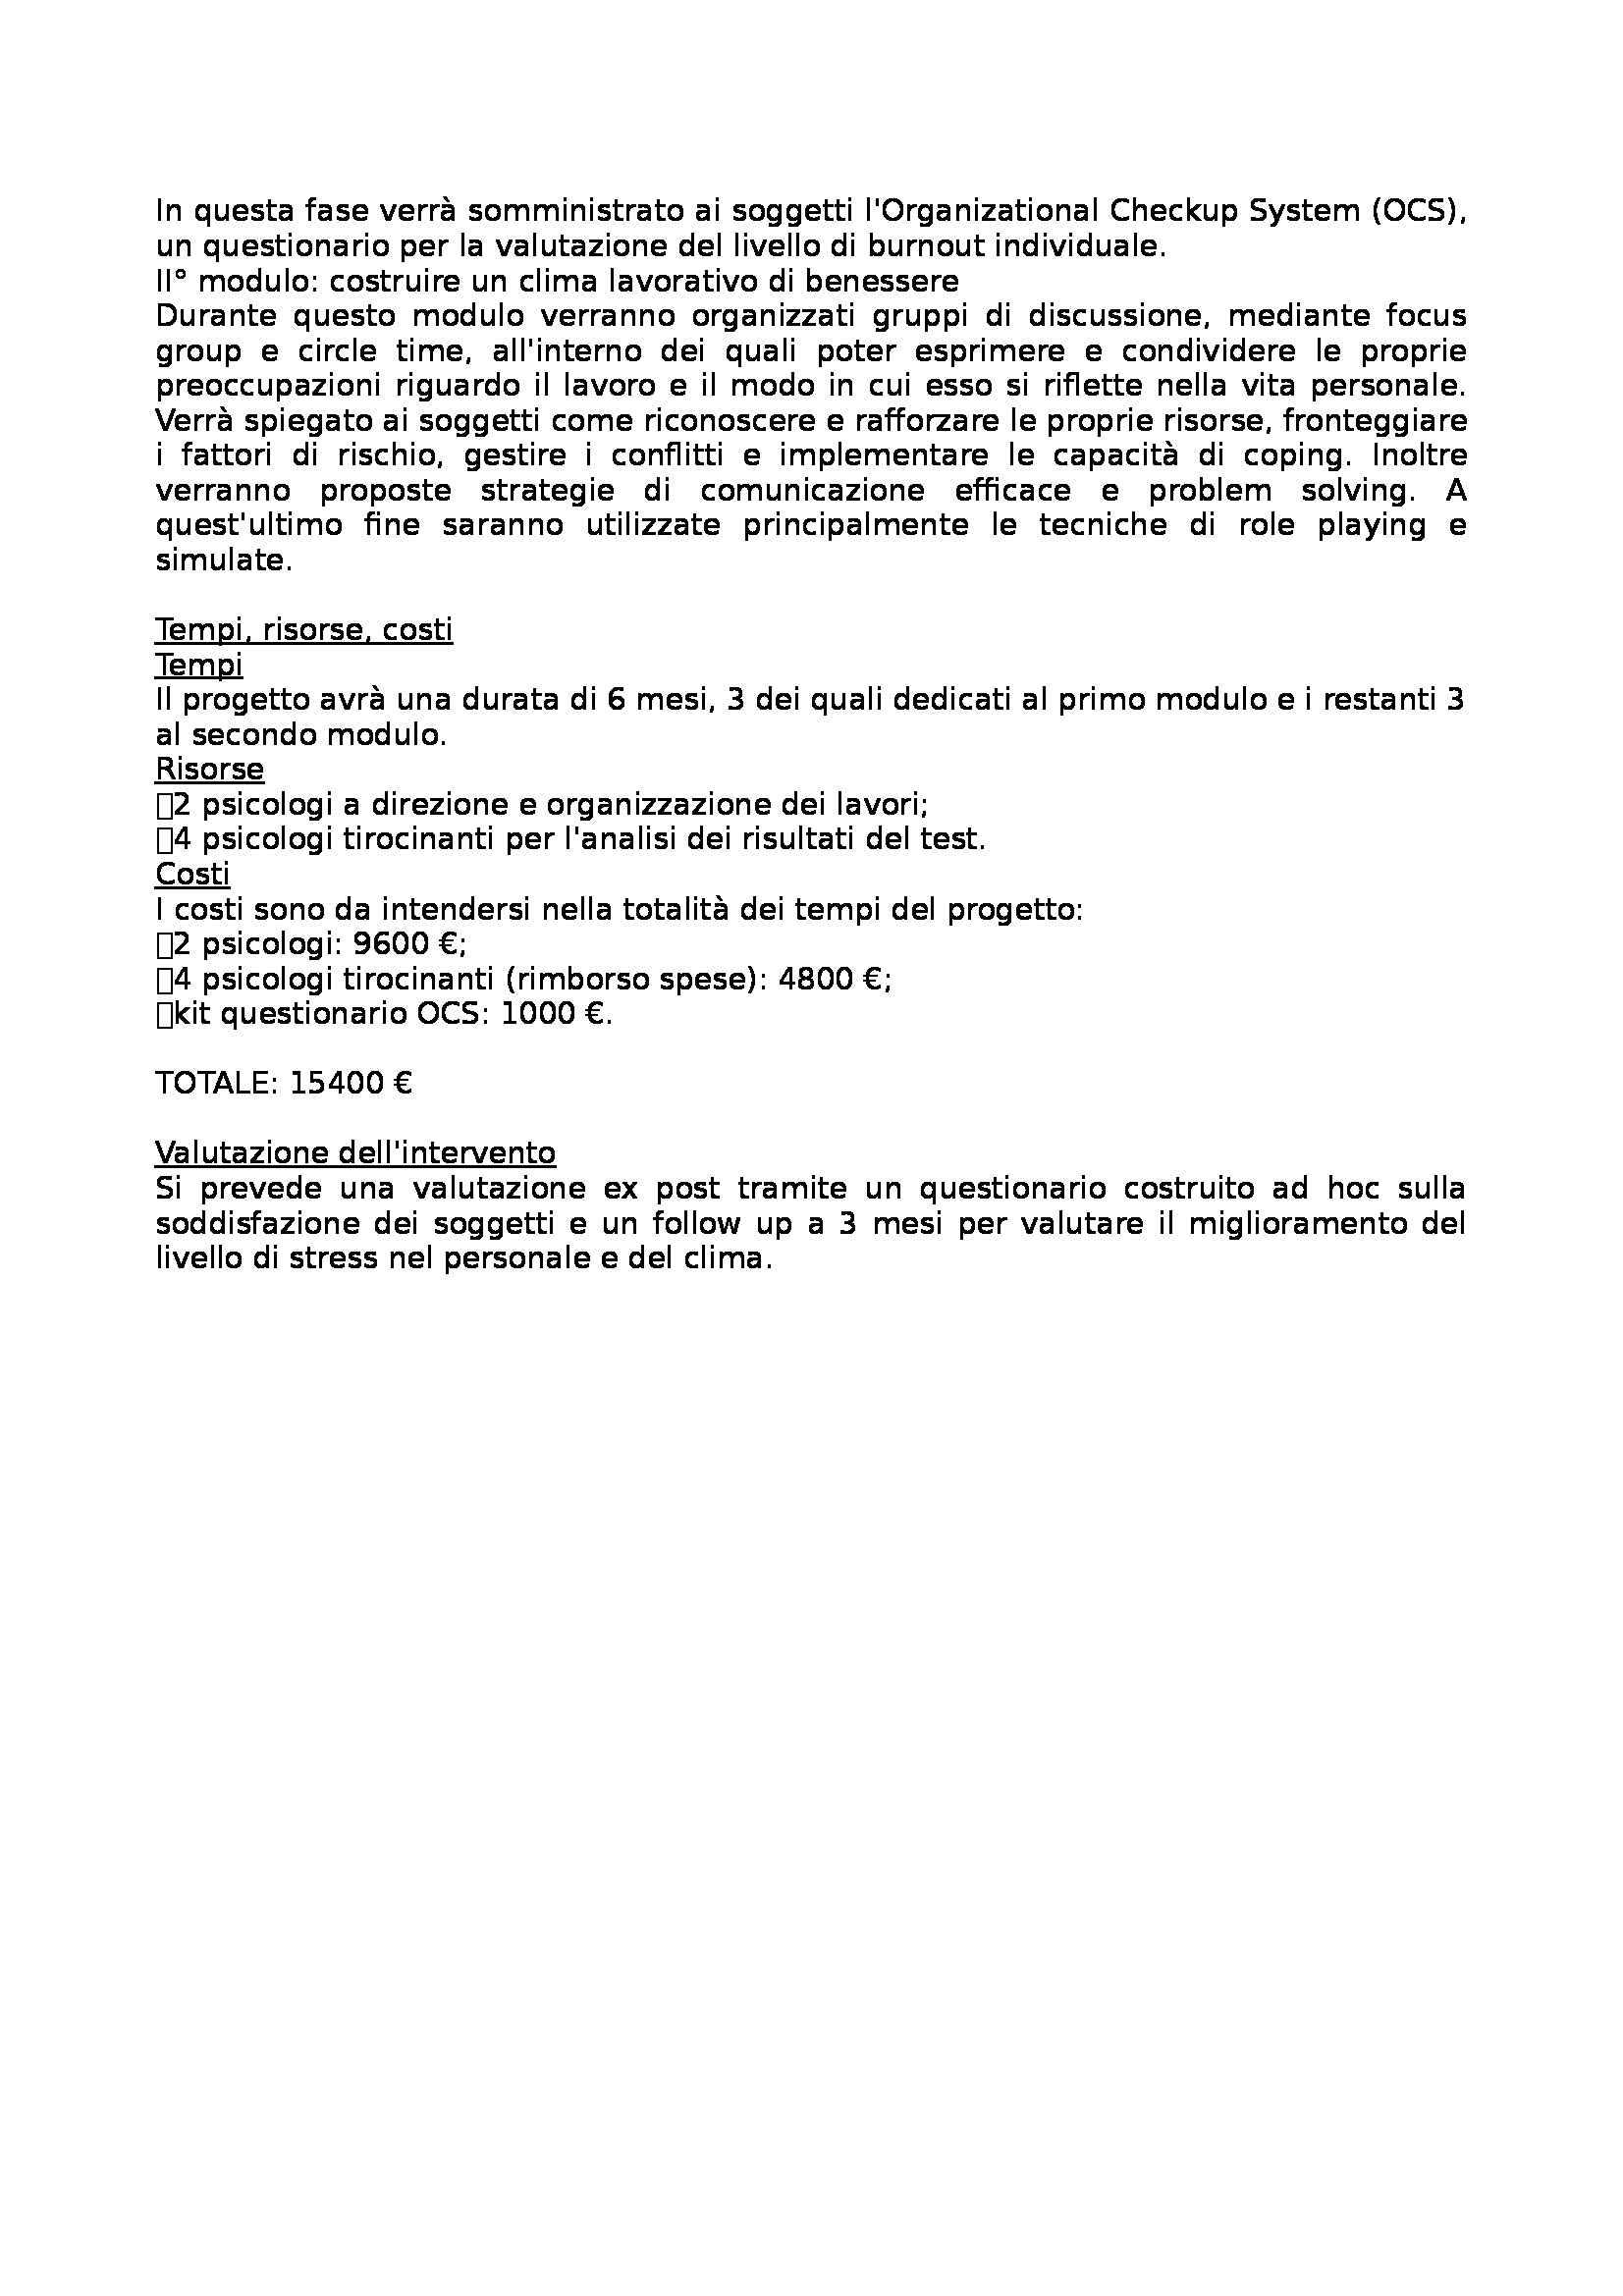 Modelli di progettazione e valutazione degli interventi educativi - 56 progetti per la prova d'esame di Stato per psicologi Pag. 6